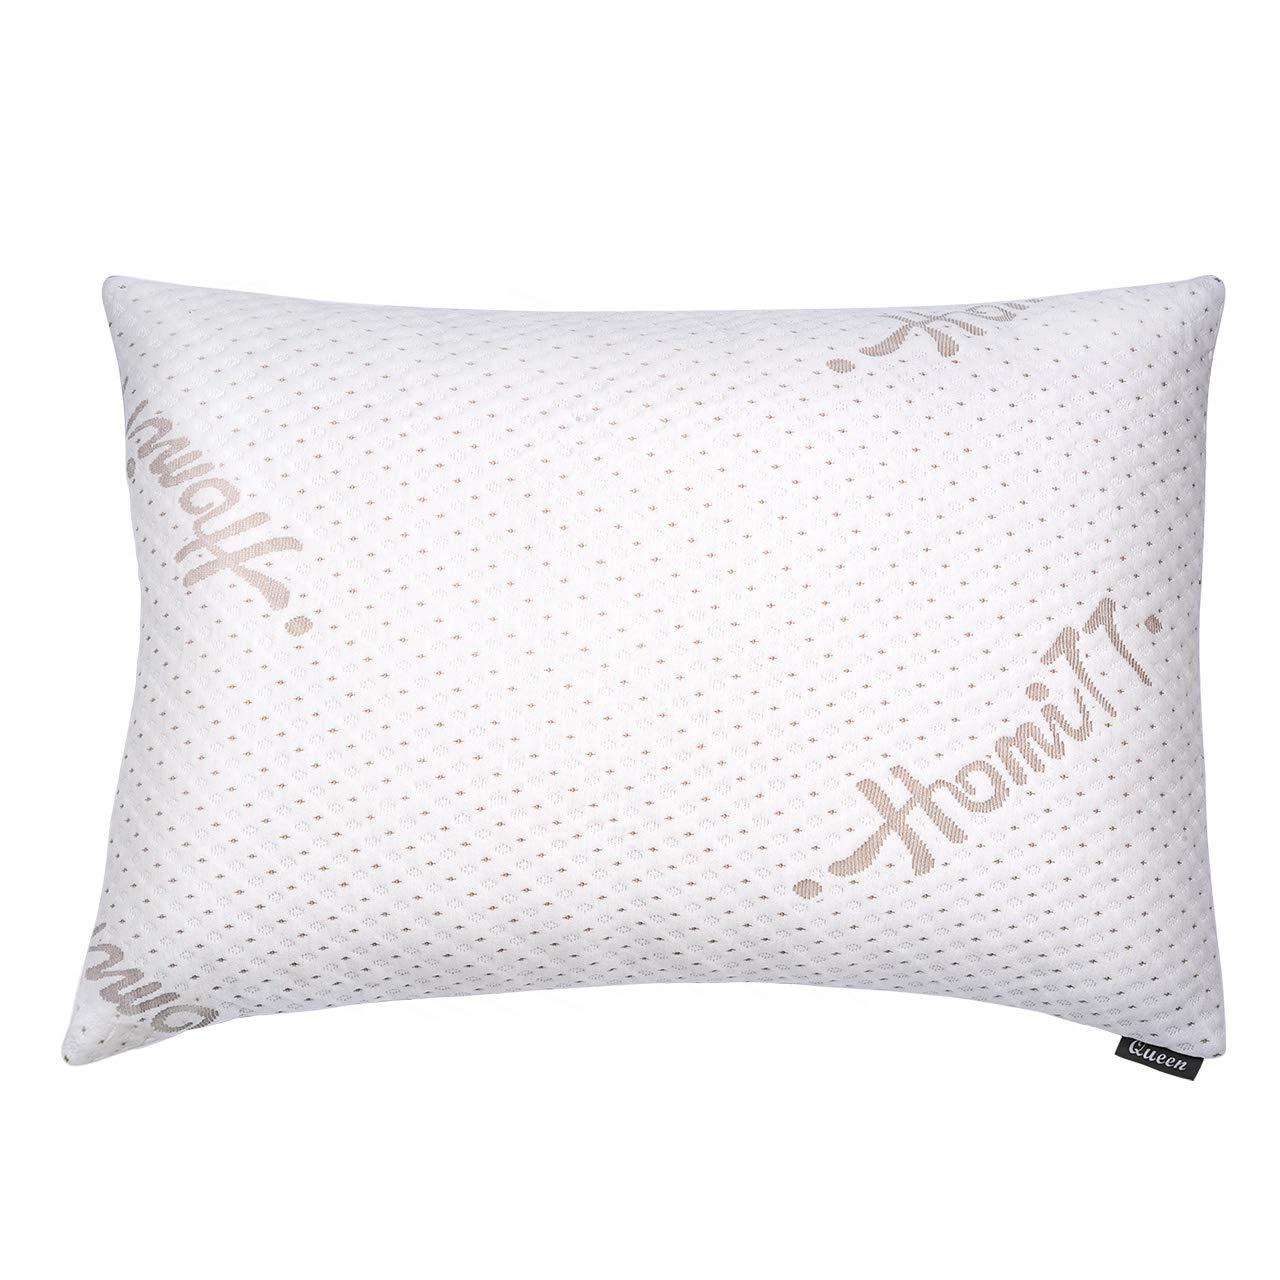 Homitt Shredded Memory Foam Pillow for Sleeping, Adjustable Bed pillow for $20+FS